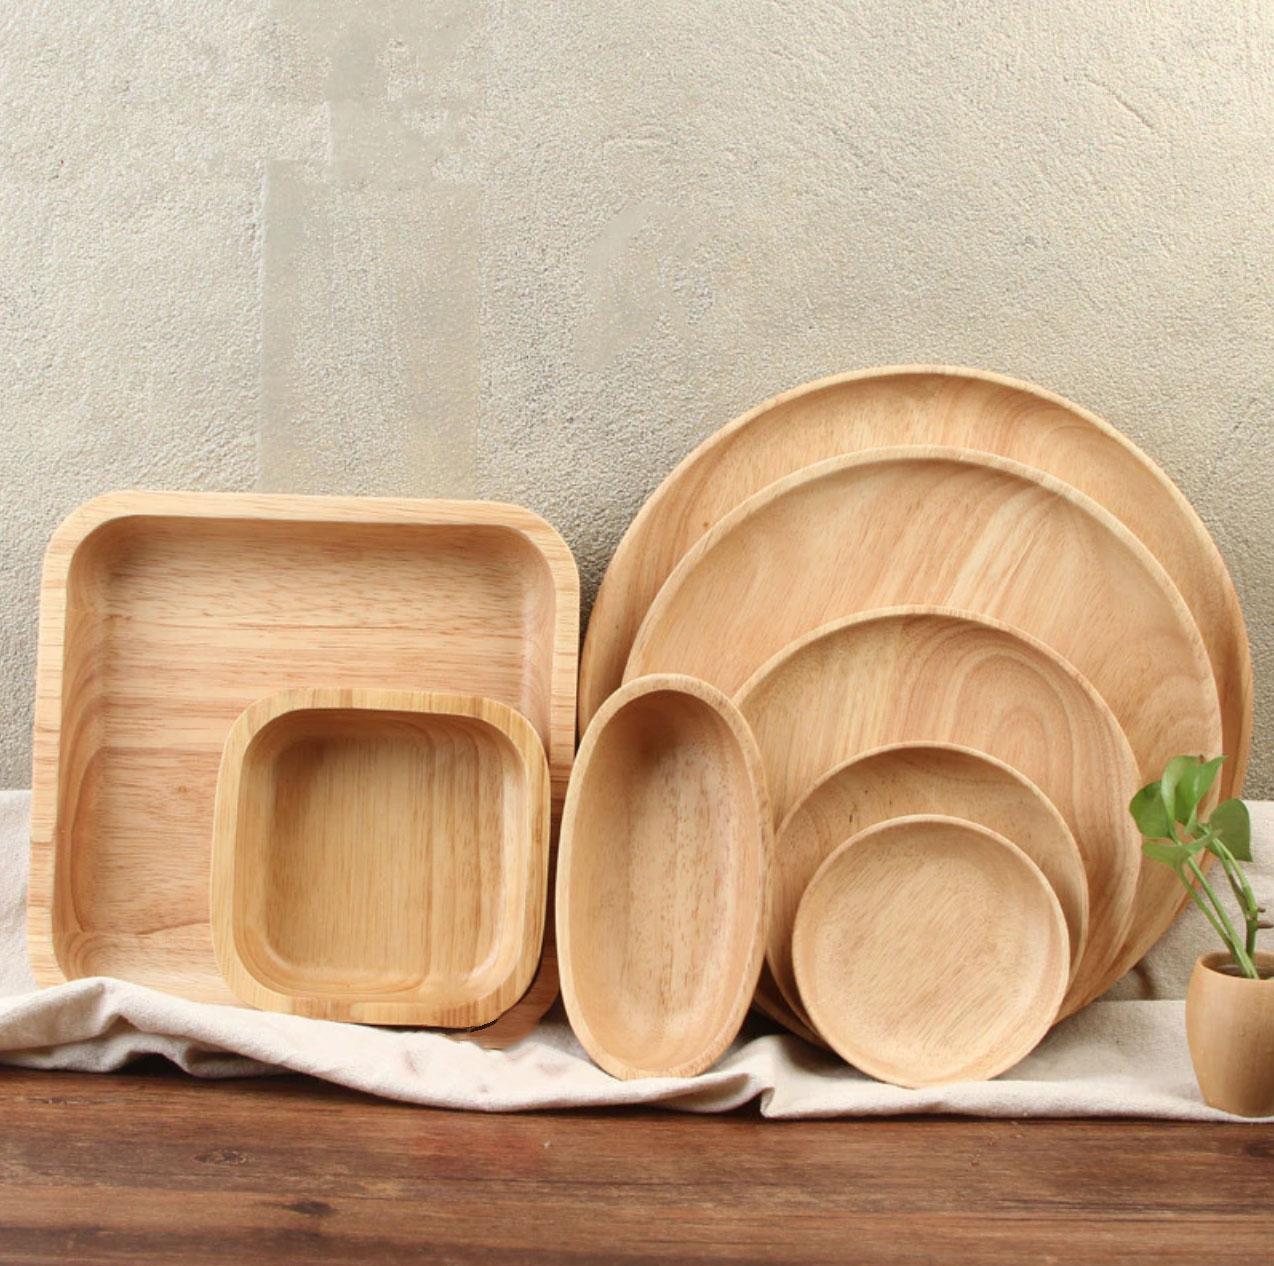 platos-y-bandejas-de-madera-amazonia